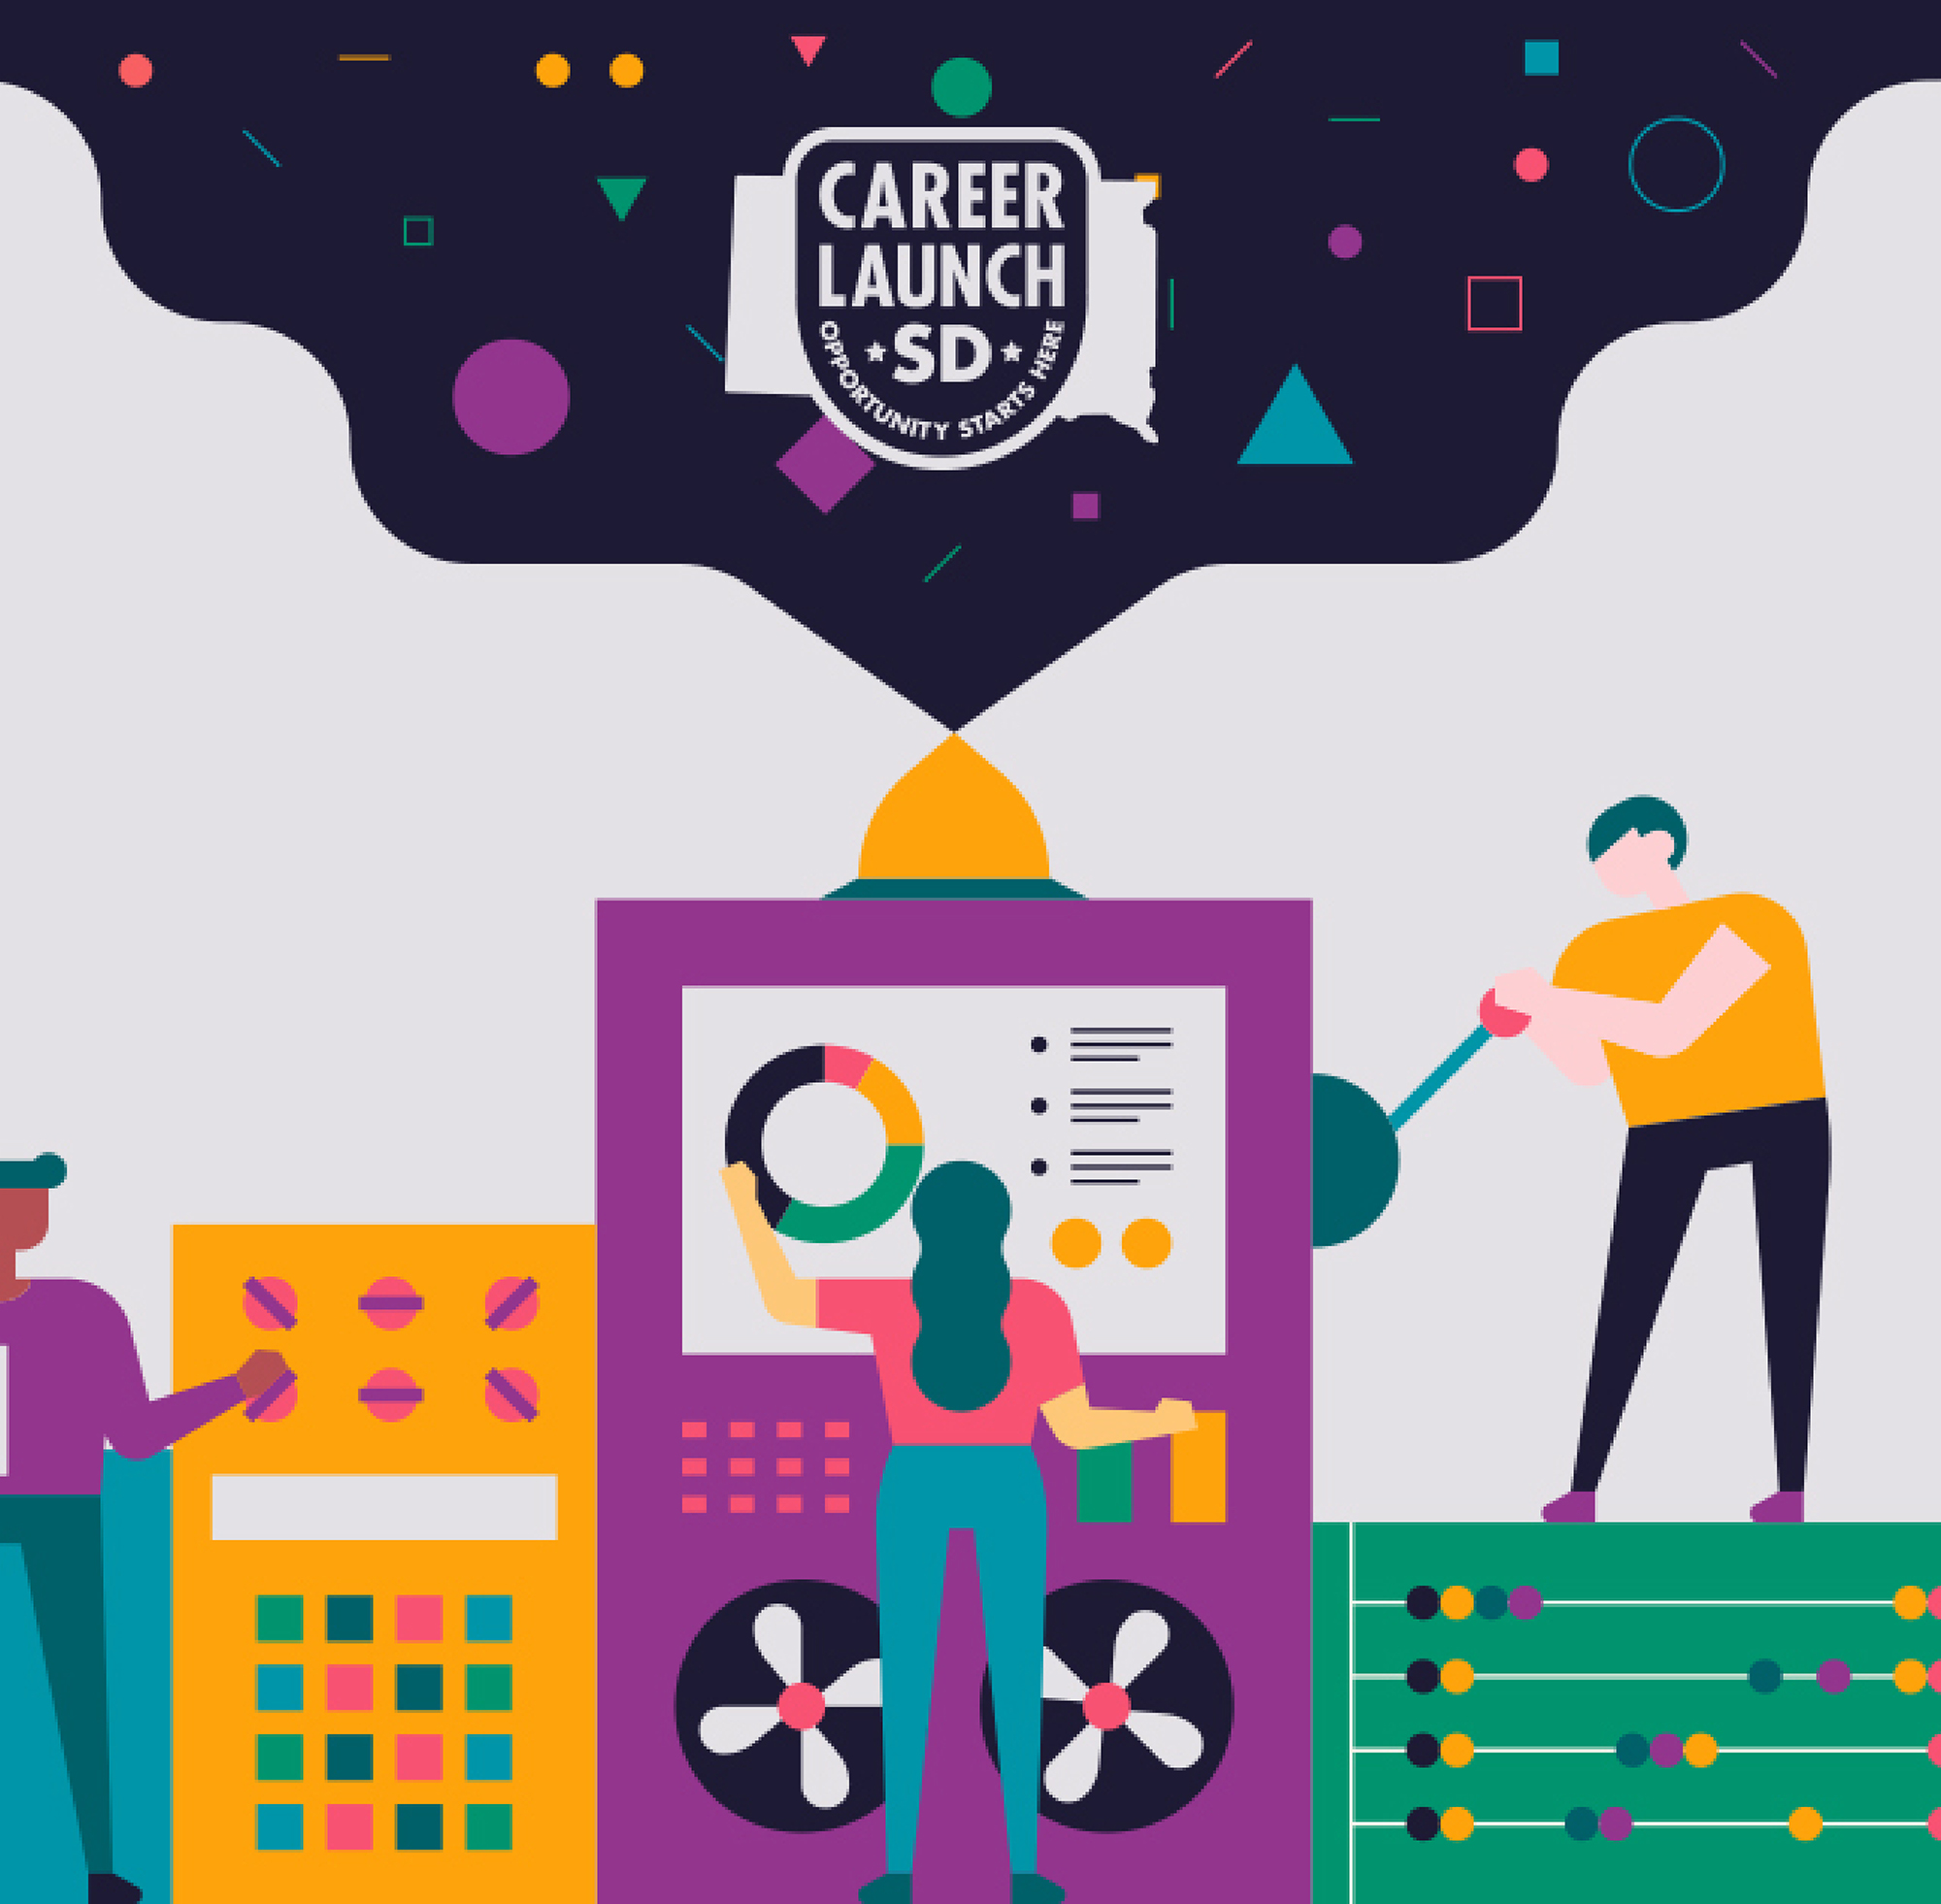 causemarketing-careerlaunch